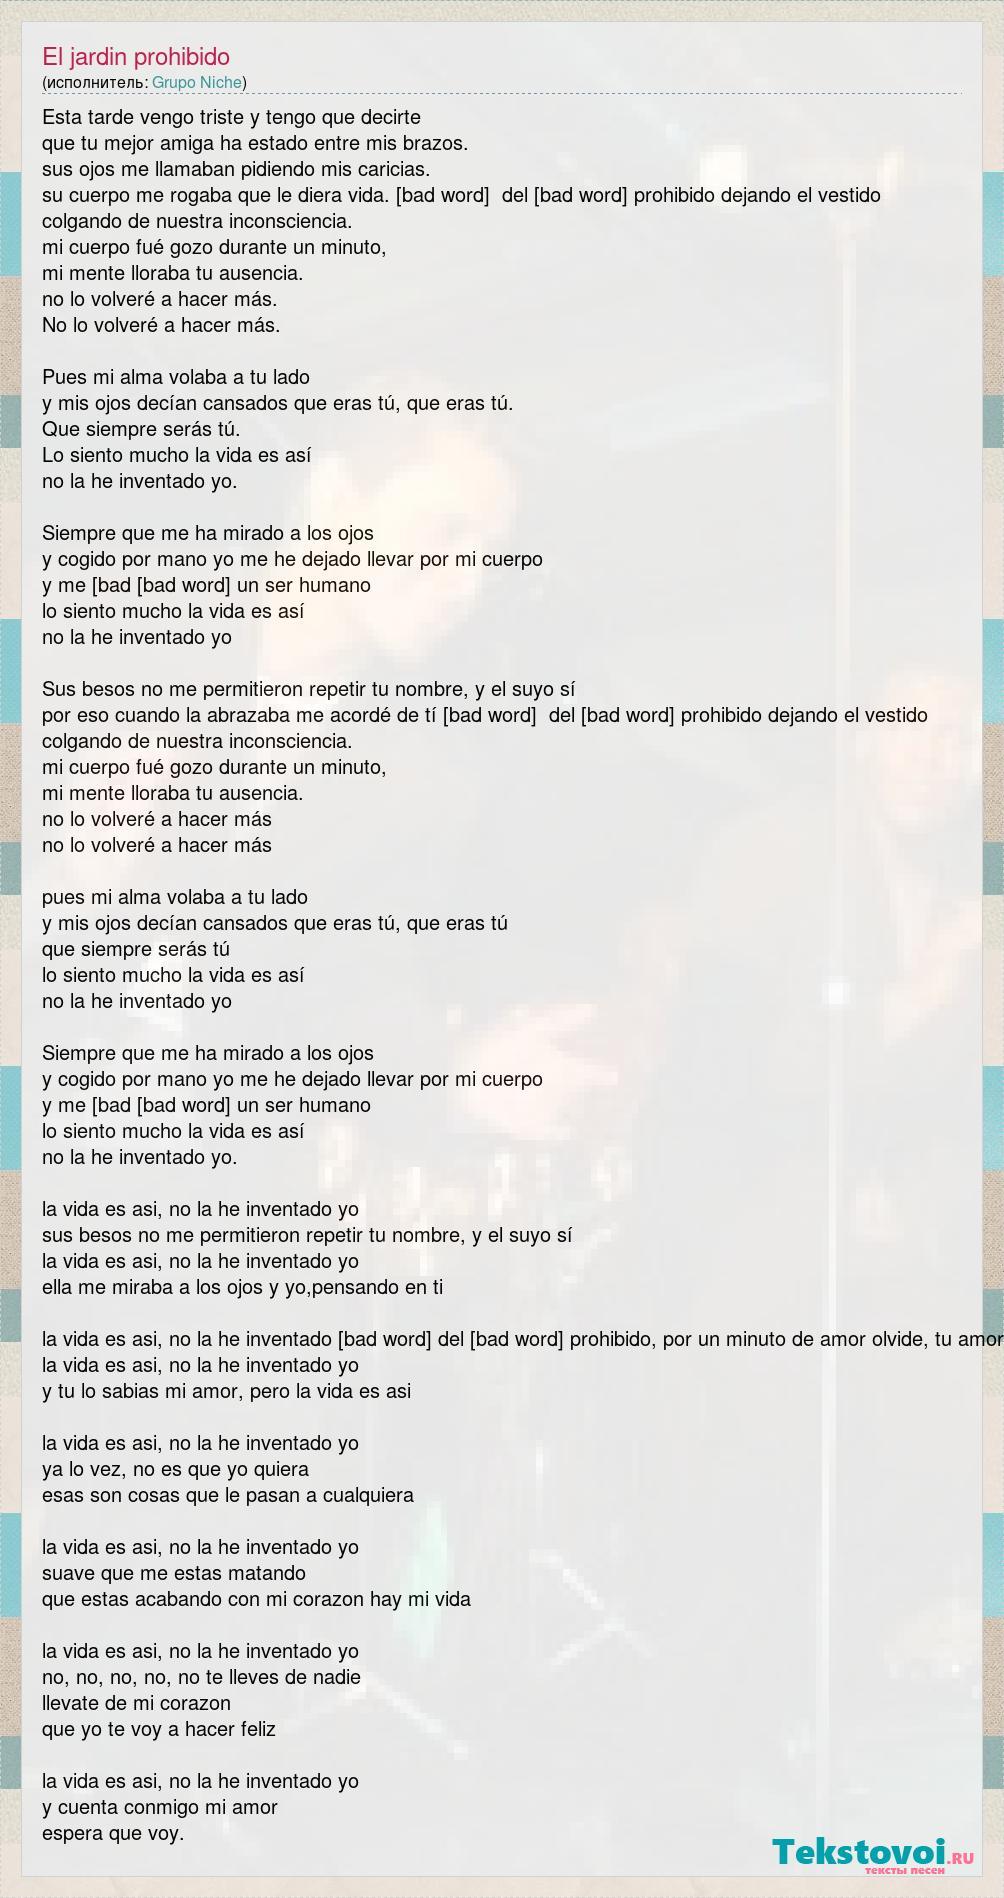 Grupo Niche El Jardin Prohibido слова песни